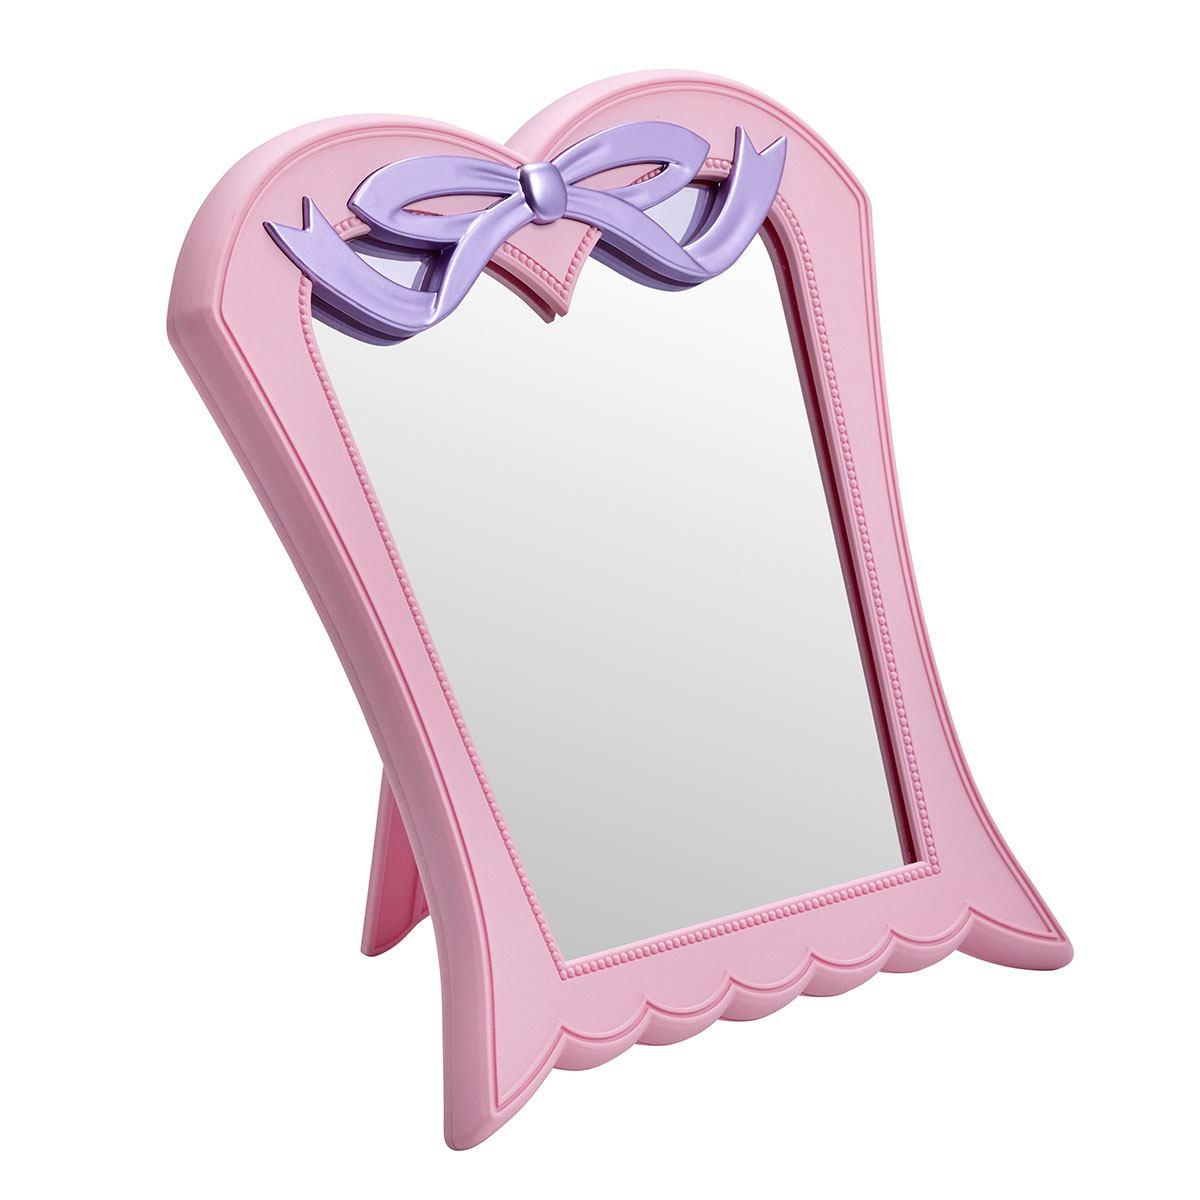 Sailor Moon SuperS Pretty Guardian Replica 1/1 Scale Dream Mirror 21 cm